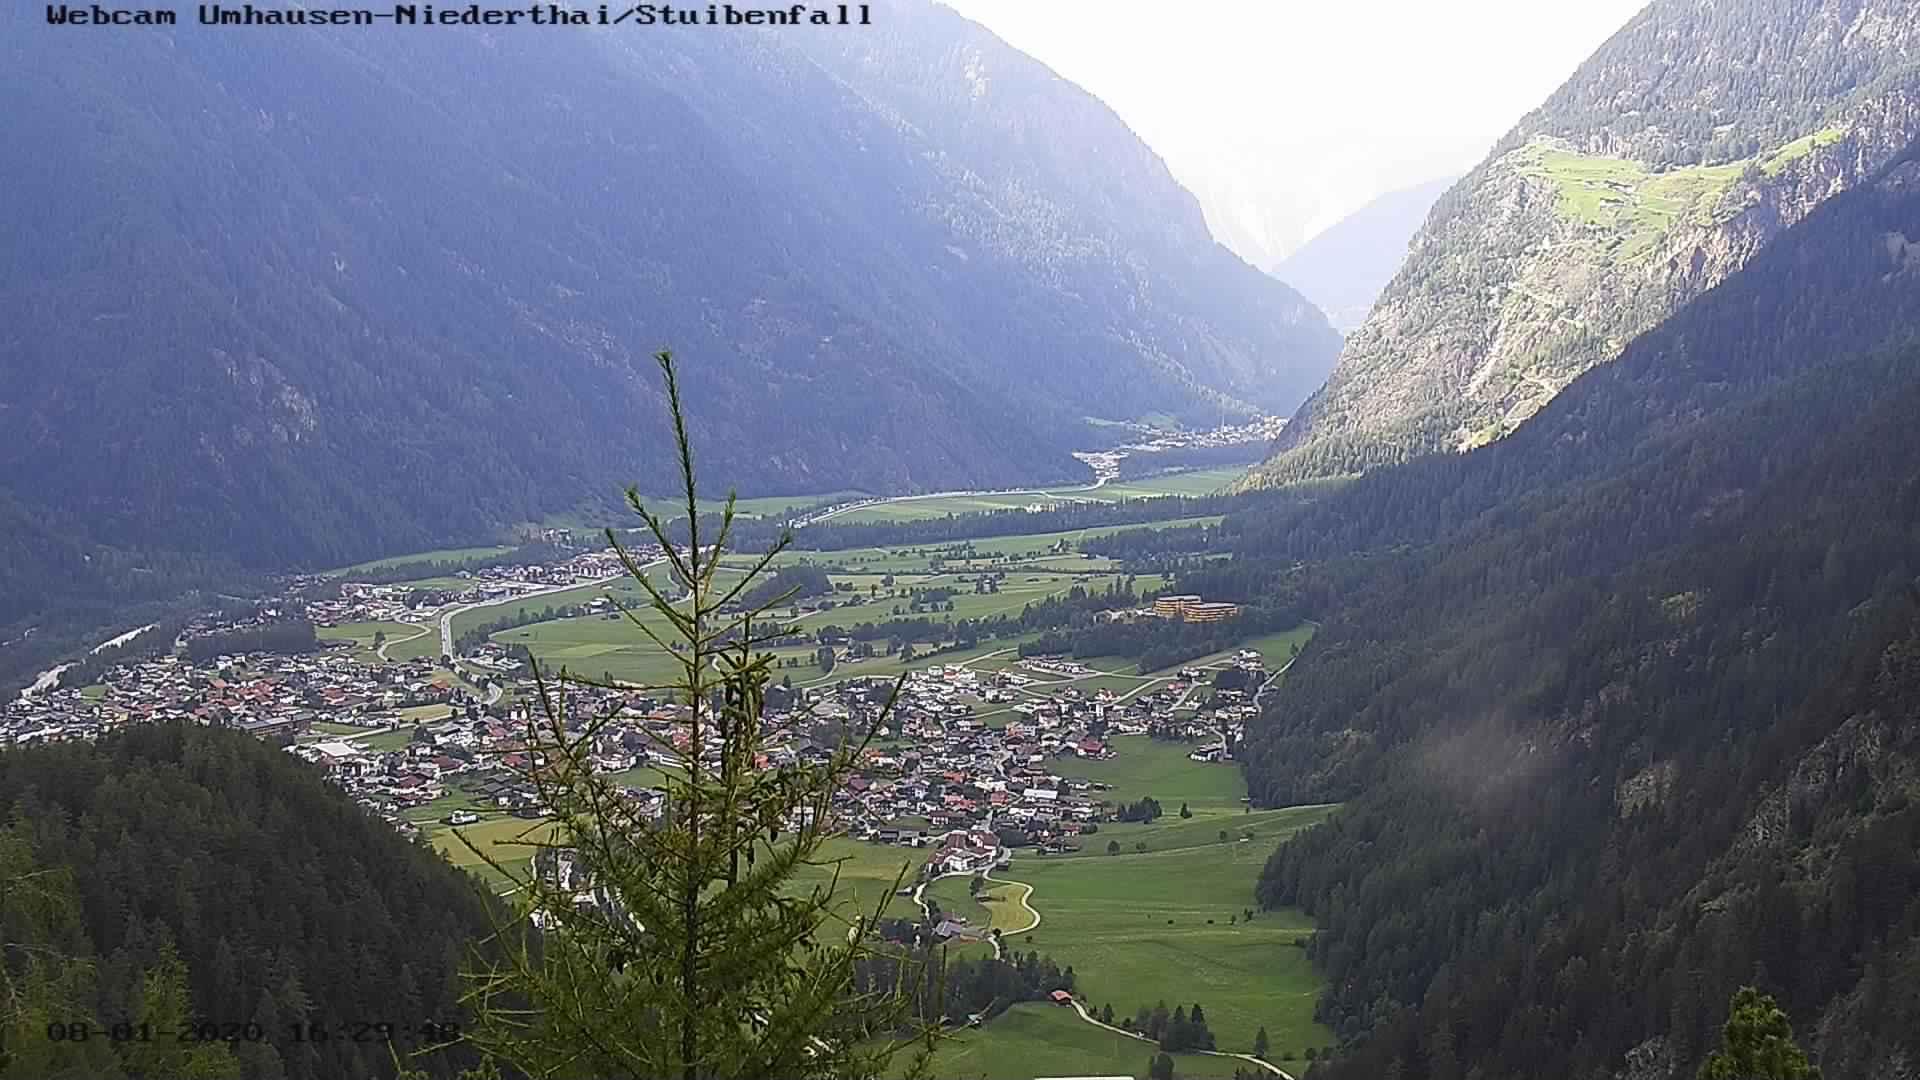 Webcam Umhausen Ötztal Tirol